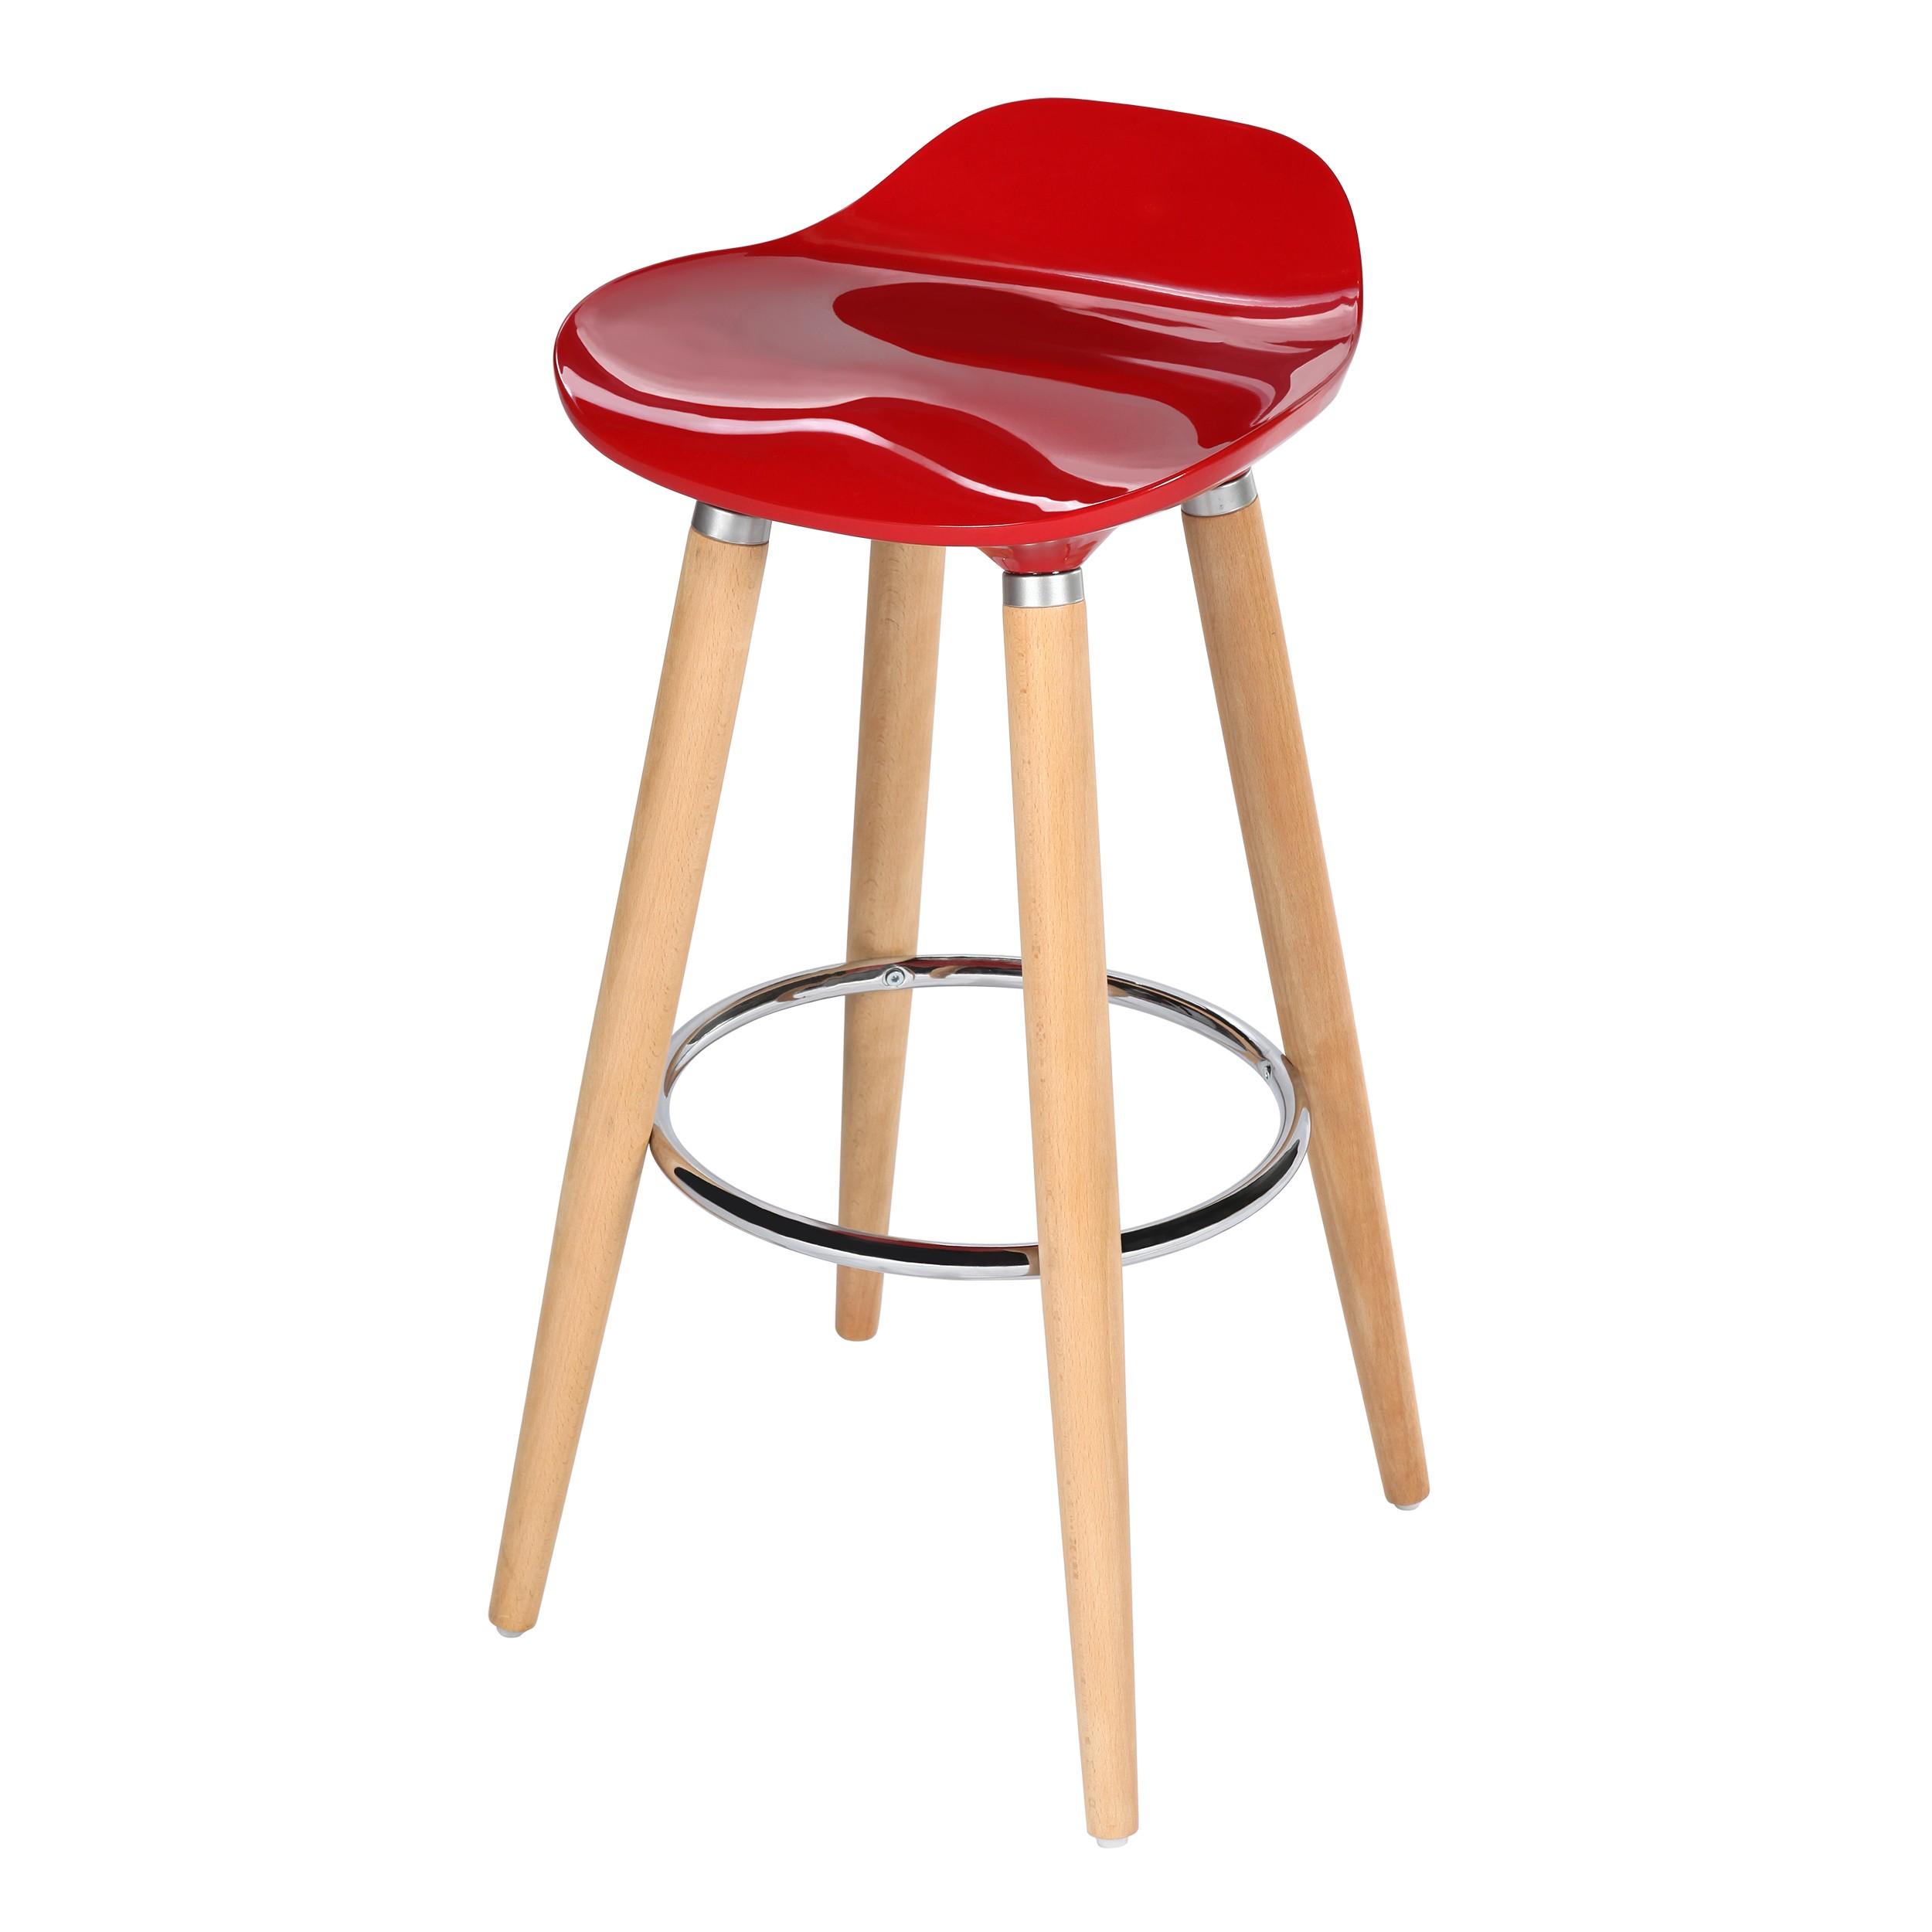 tabouret de bar italien rouge achetez nos tabourets de bar italiens rouges rdv d co. Black Bedroom Furniture Sets. Home Design Ideas